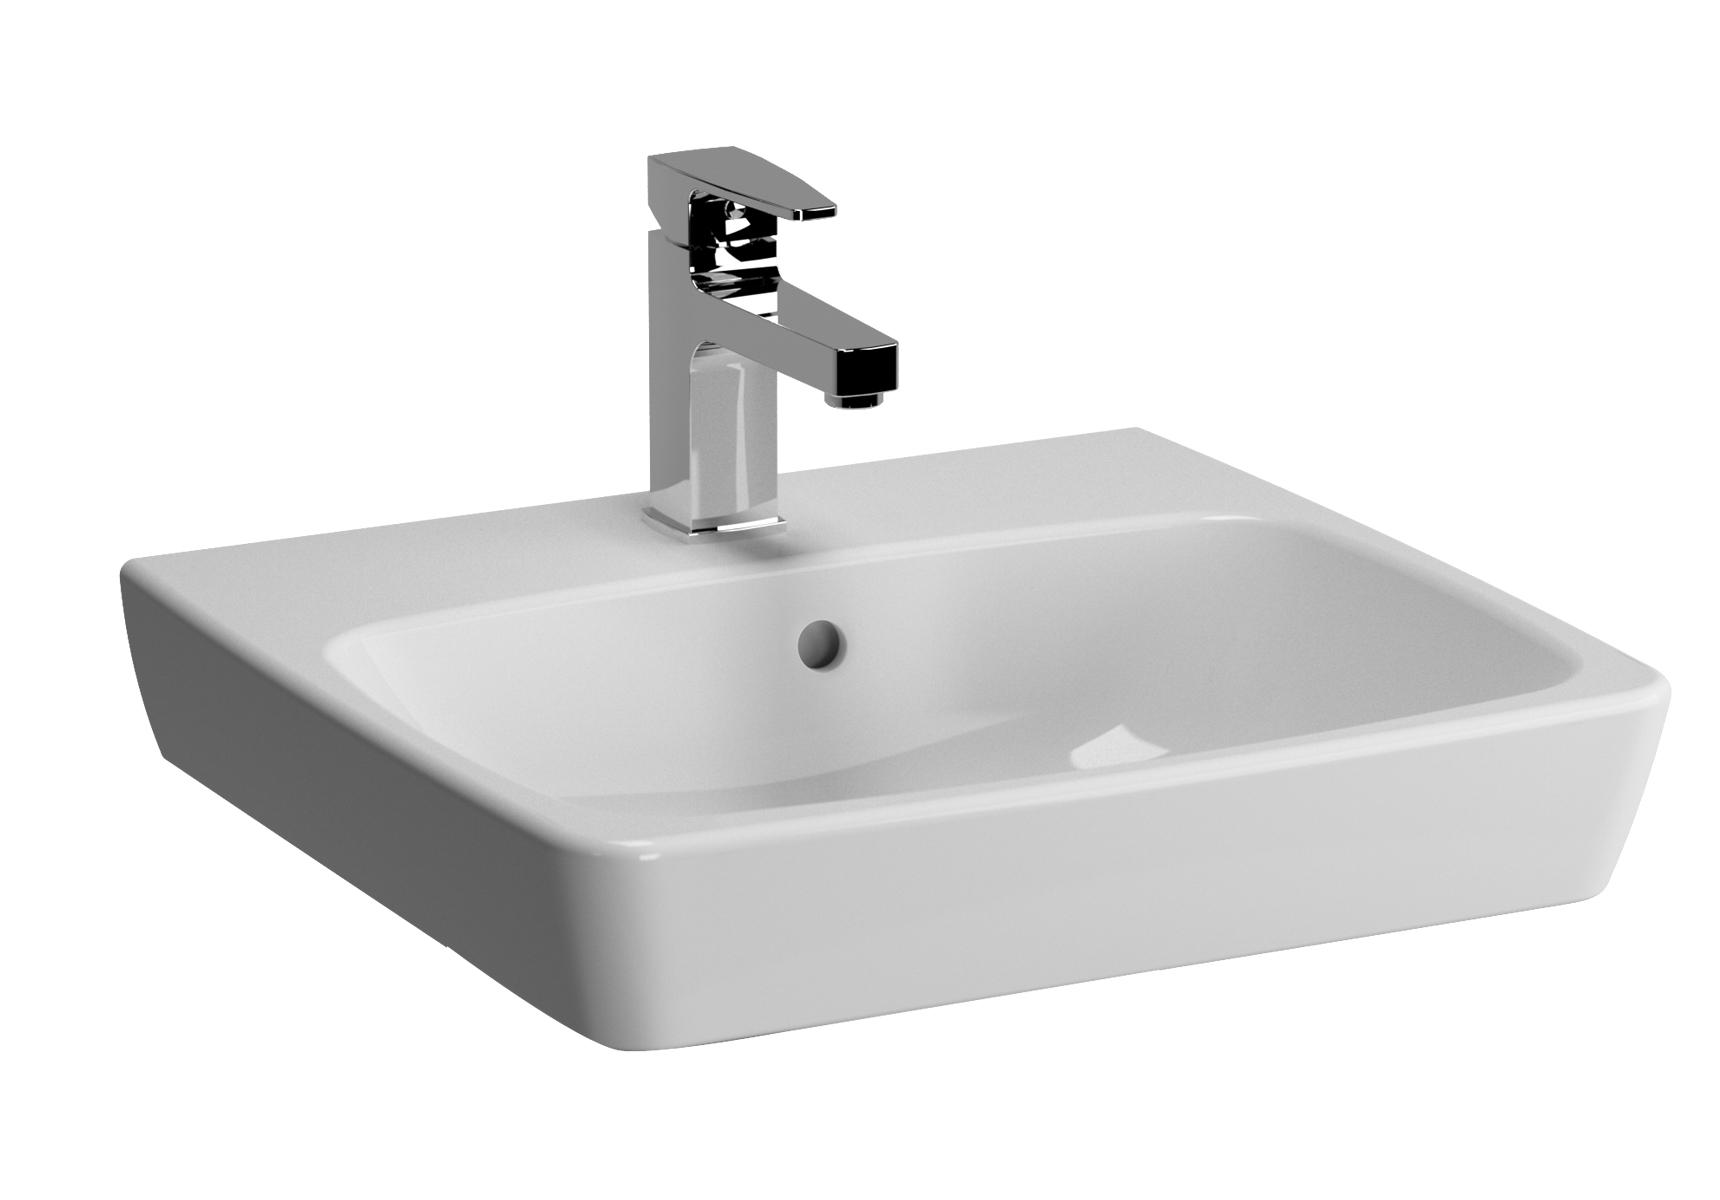 Metropole lavabo, 50 cm, 1 trou de robinet central, sans trop-plein